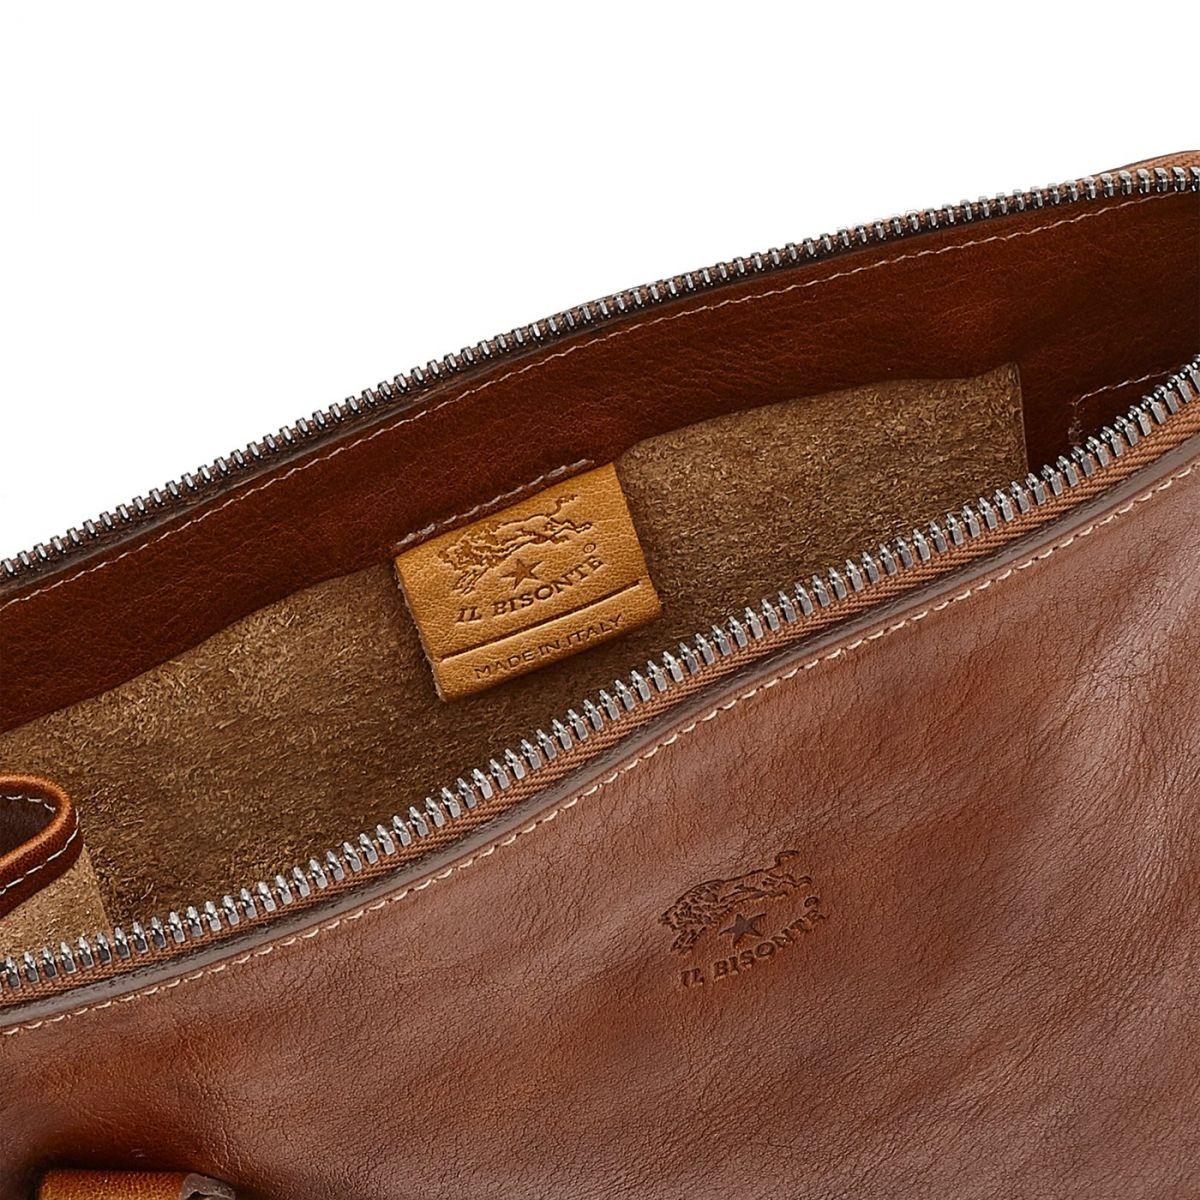 Borsa A Tracolla da Uomo Marea in Pelle Di Vacchetta Invecchiata BCR169 colore Cioccolato | Details